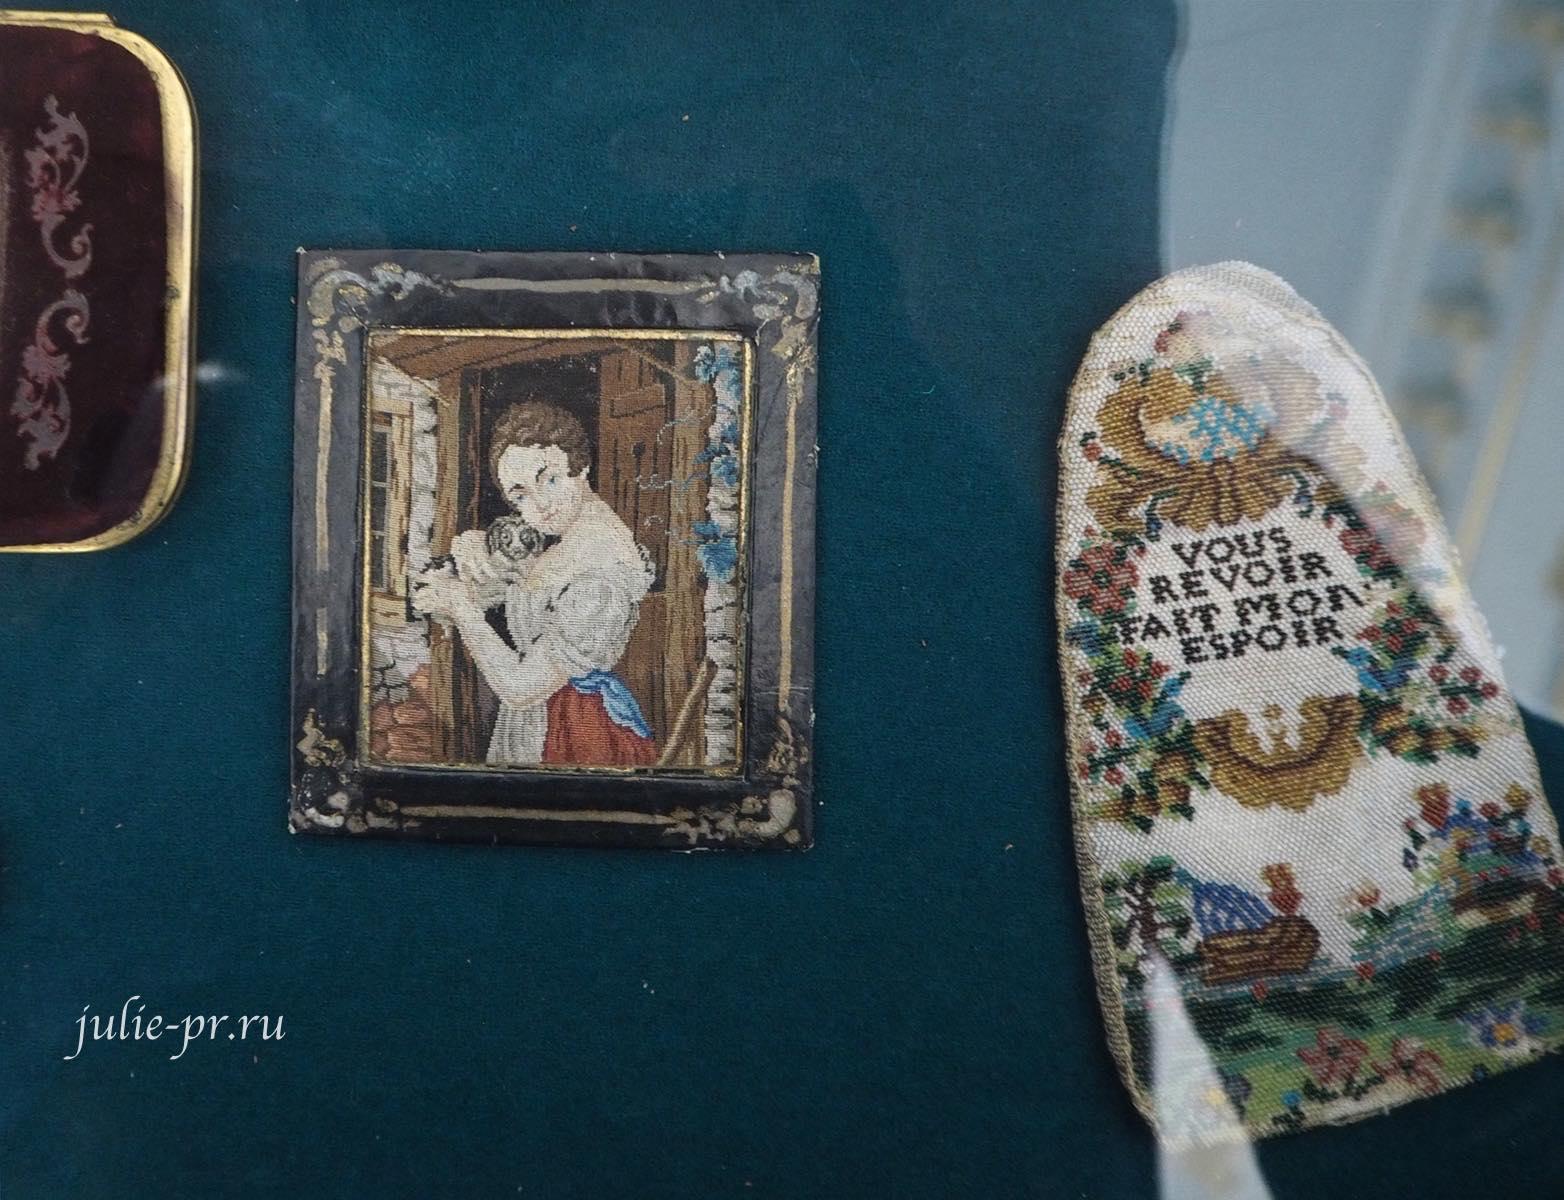 выставка Как роза ты нежна, вышивка гладью, вышивка бисером, музей усадьба Г. Р. Державина